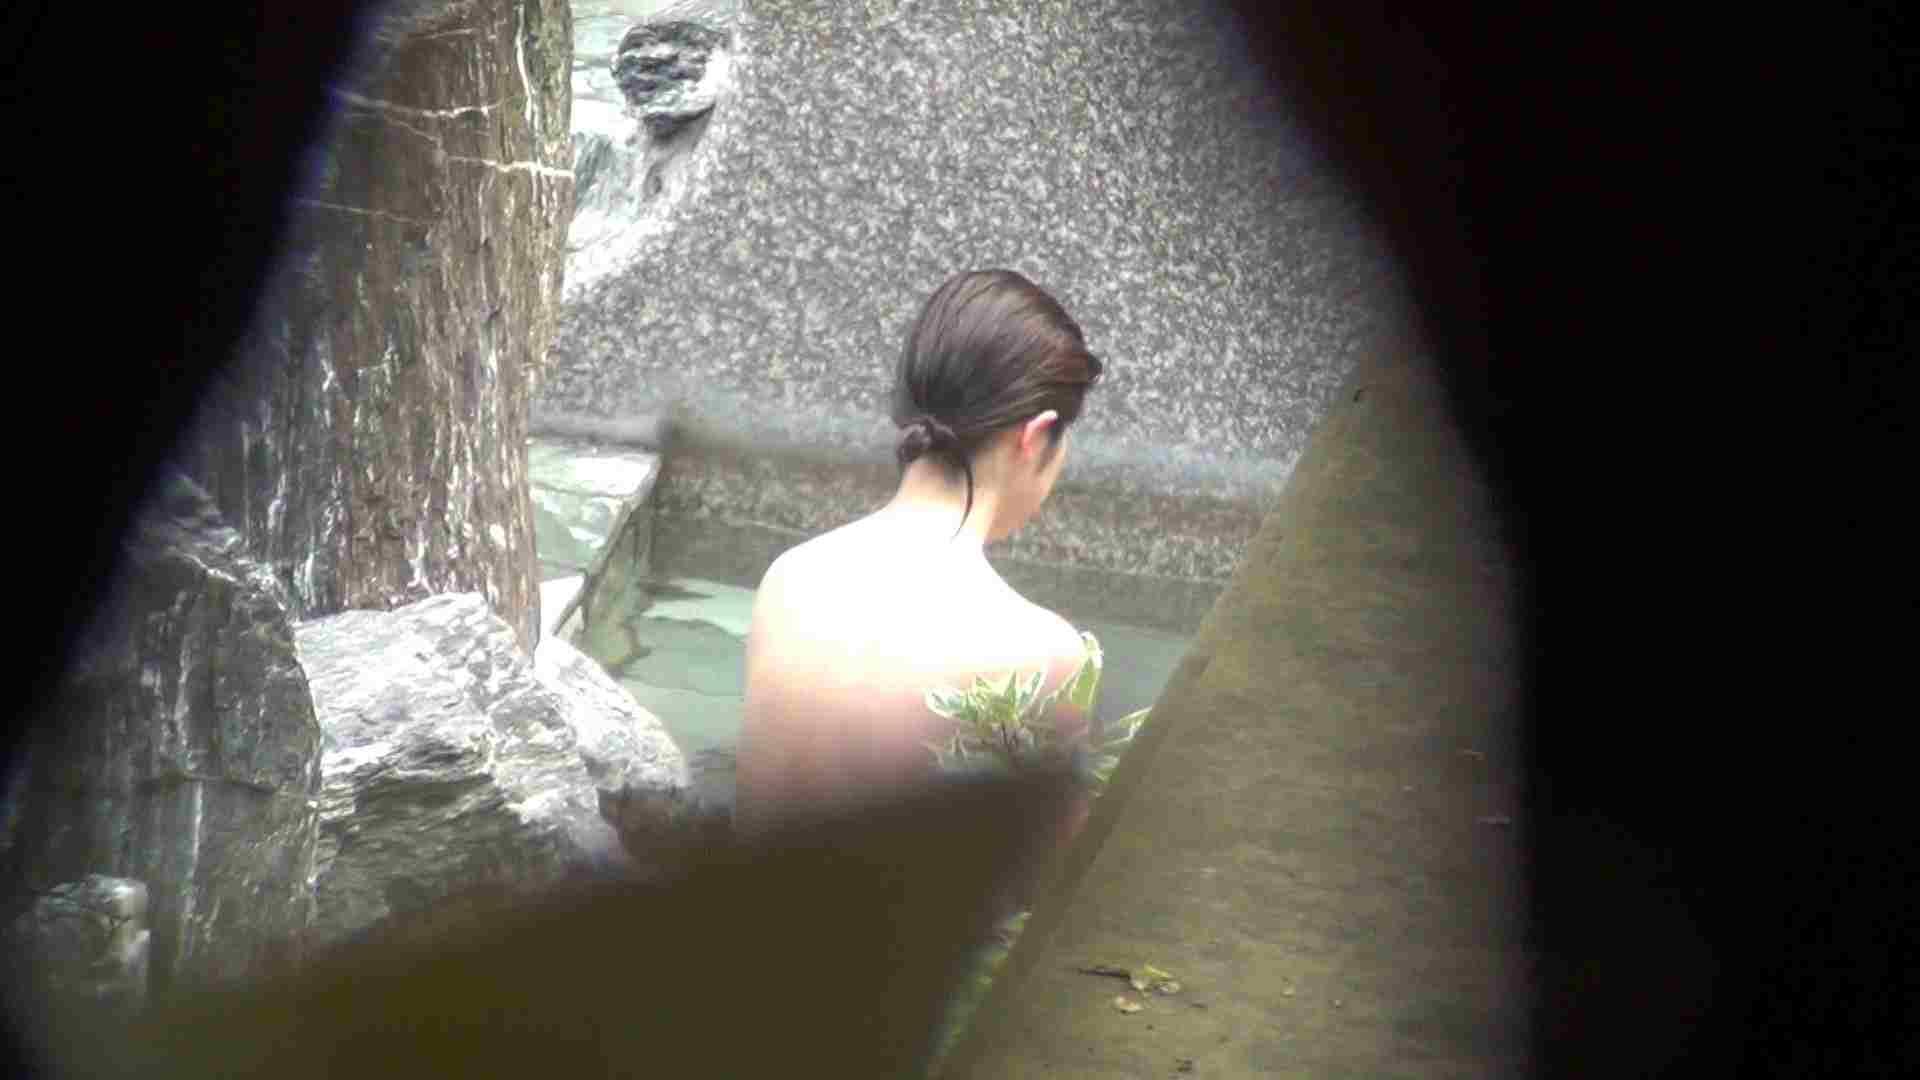 Aquaな露天風呂Vol.262 盗撮シリーズ  83PIX 78